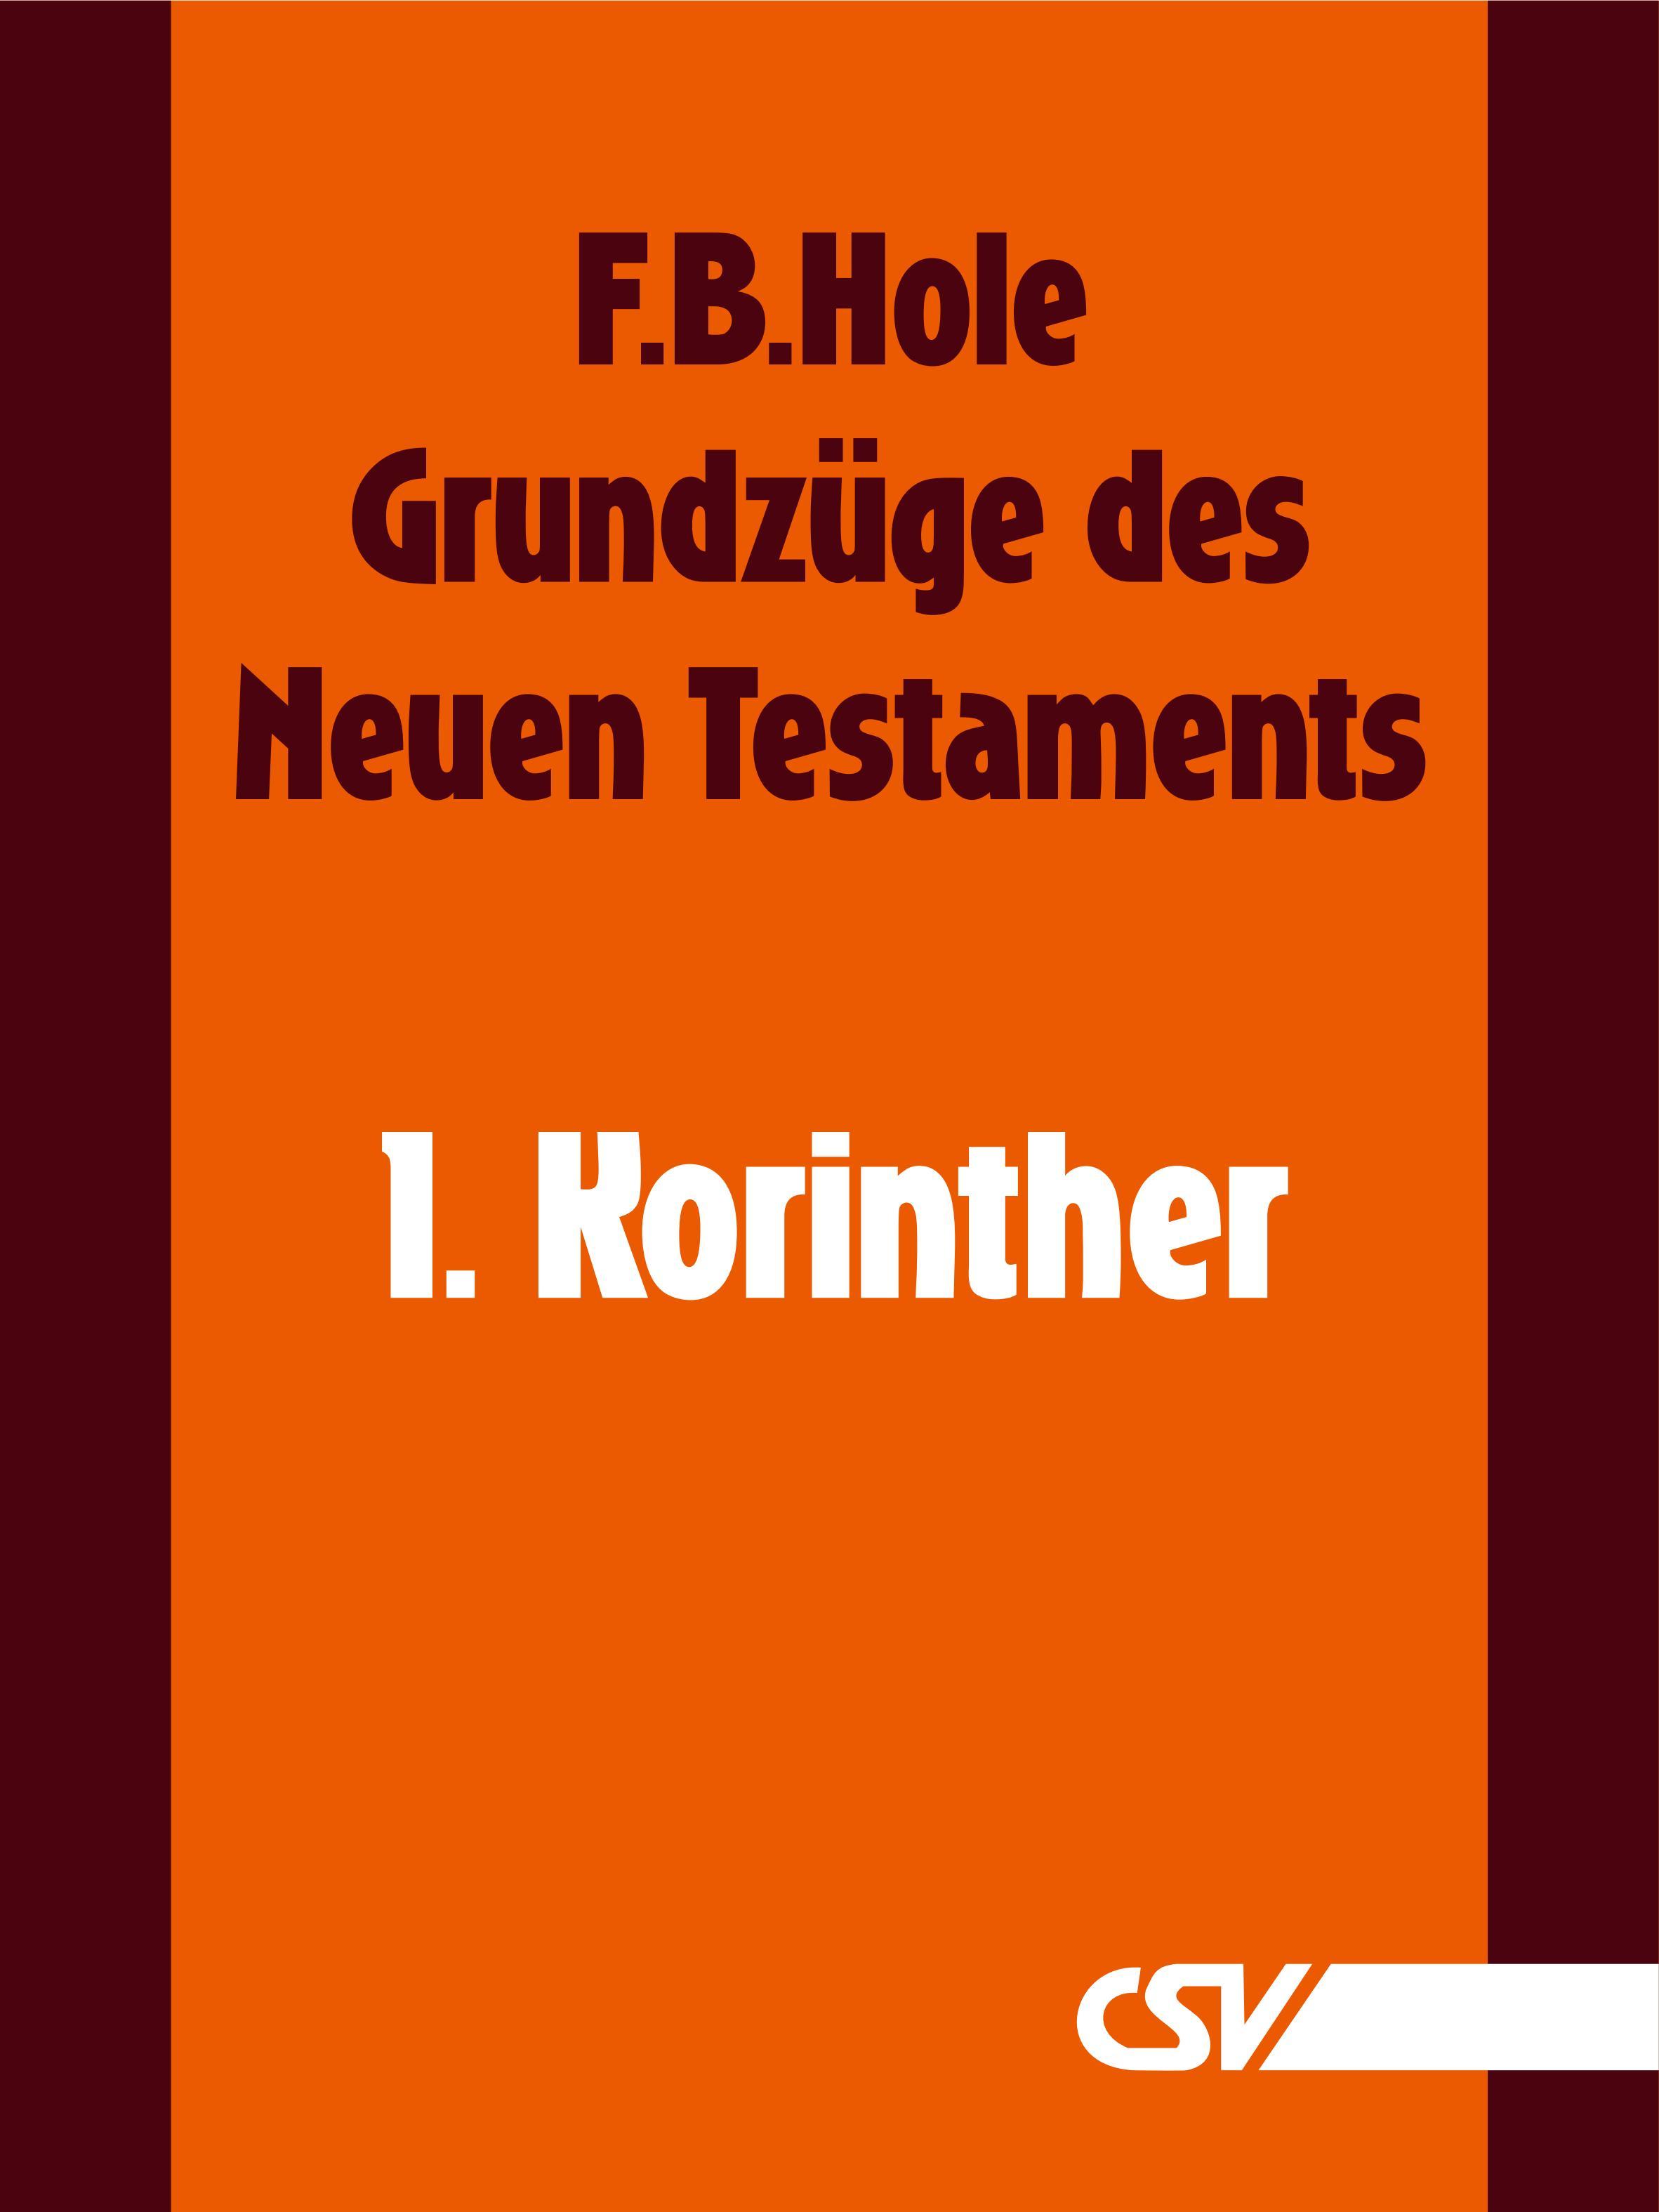 F. B. Hole Grundzüge des Neuen Testaments - 1. Korinther f b hole grundzüge des neuen testaments 2 korinther